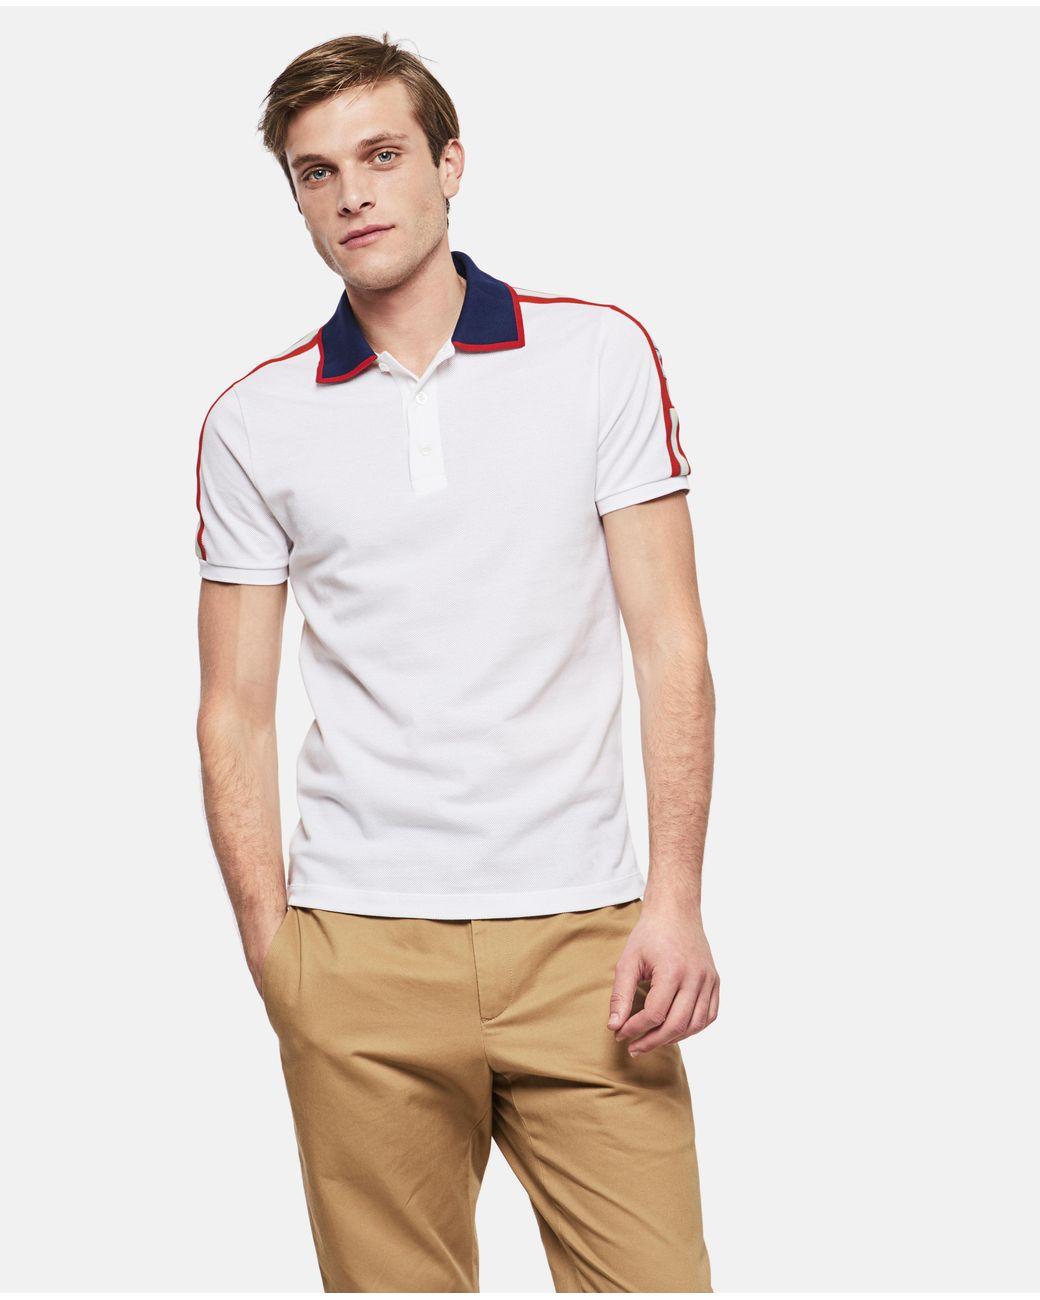 ff3b5fa8a Gucci Cotton Polo With Stripe in White for Men - Lyst